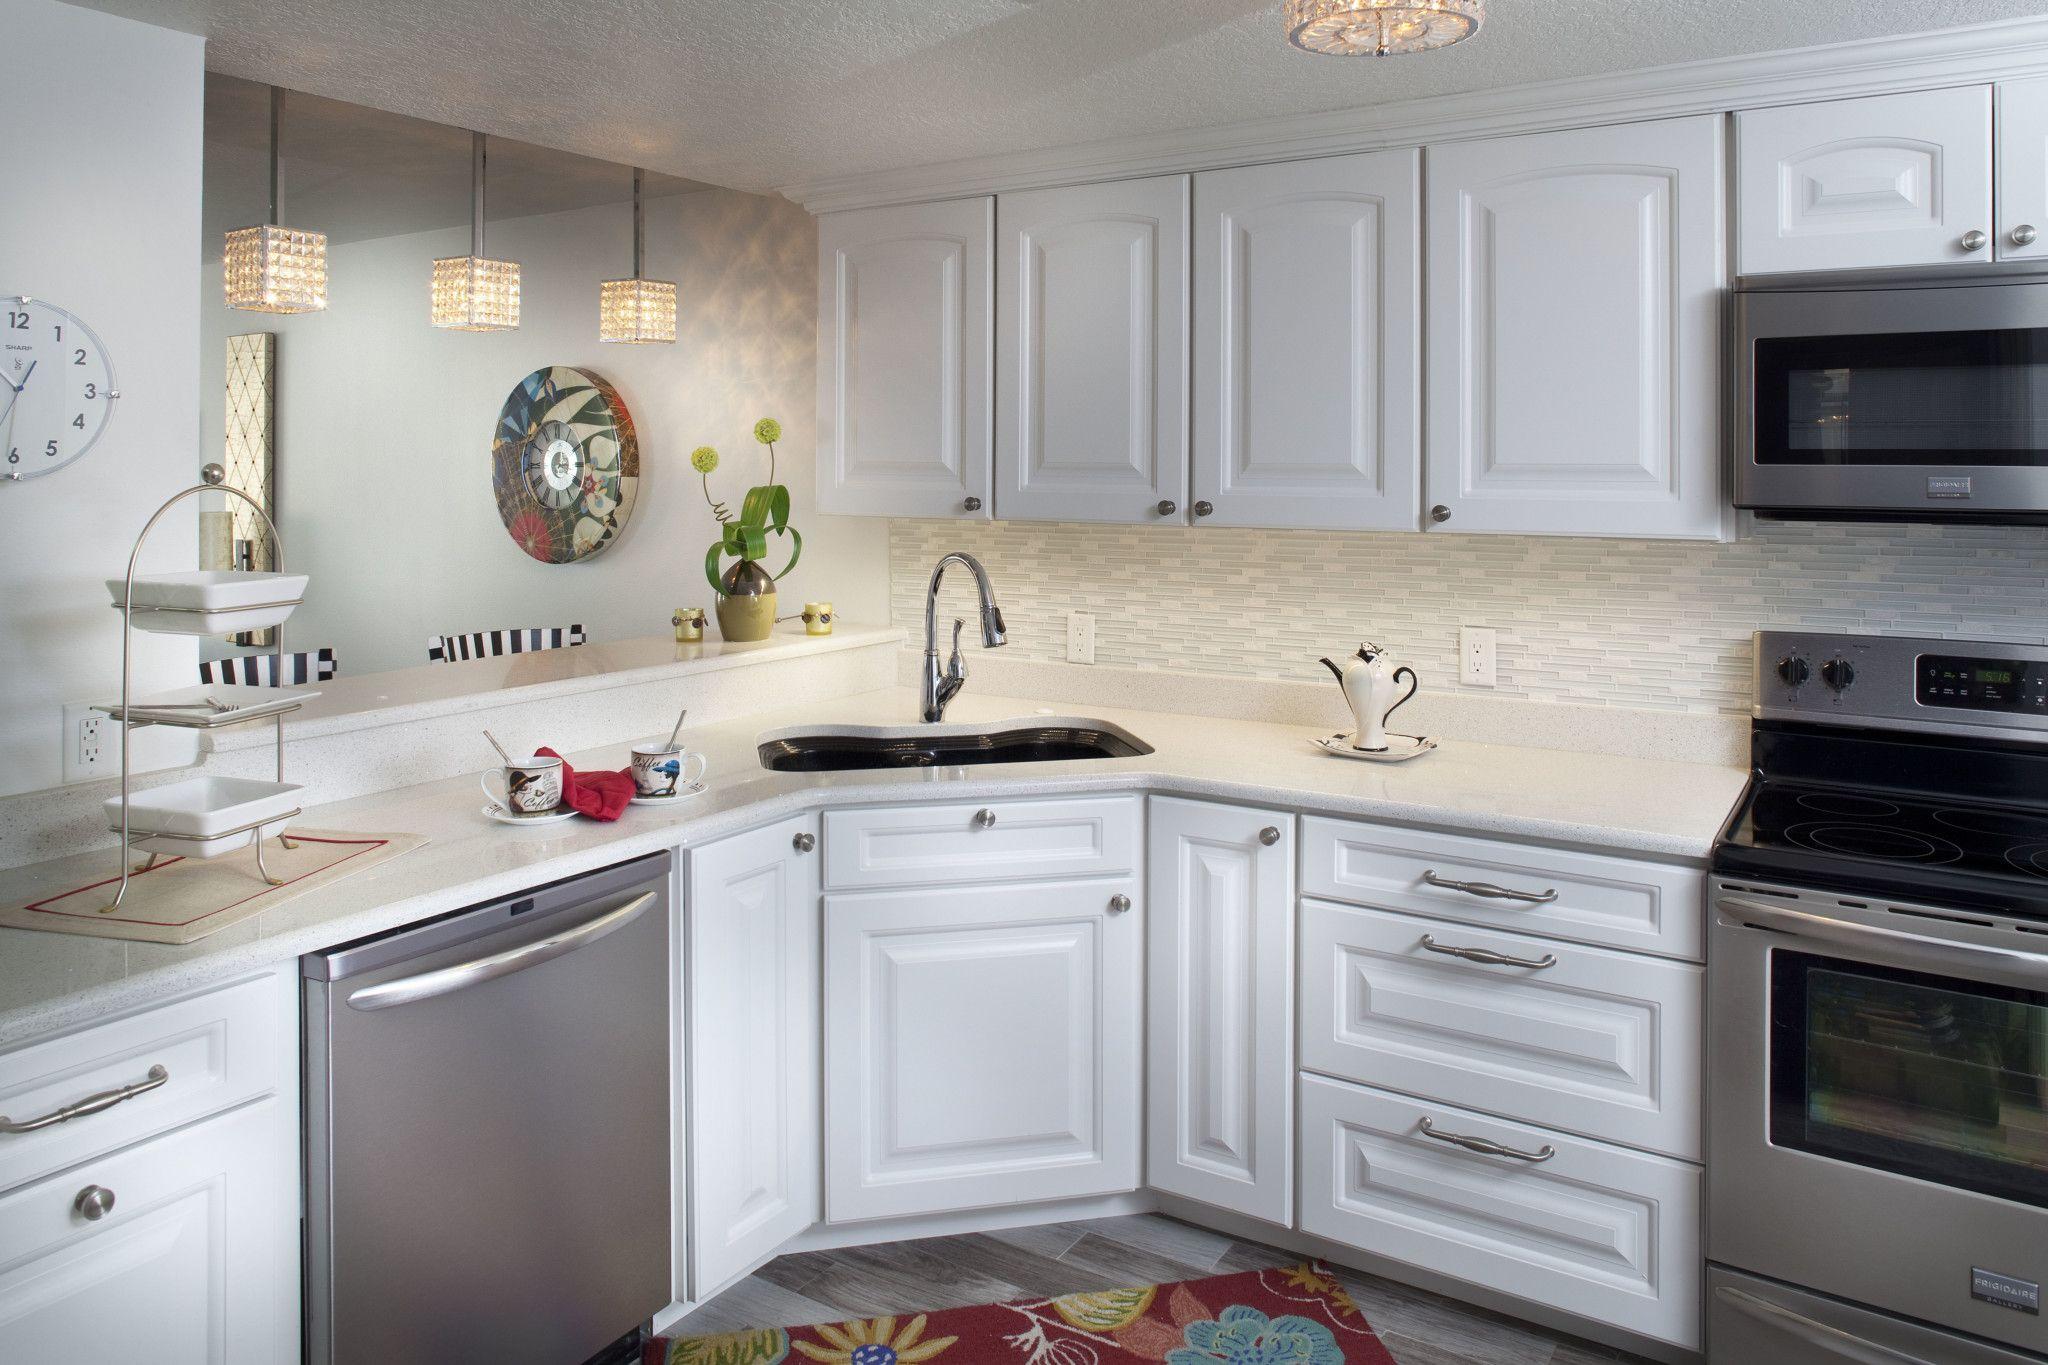 Gourmet Kitchens Interior Design Andrea Lauren   Mondean